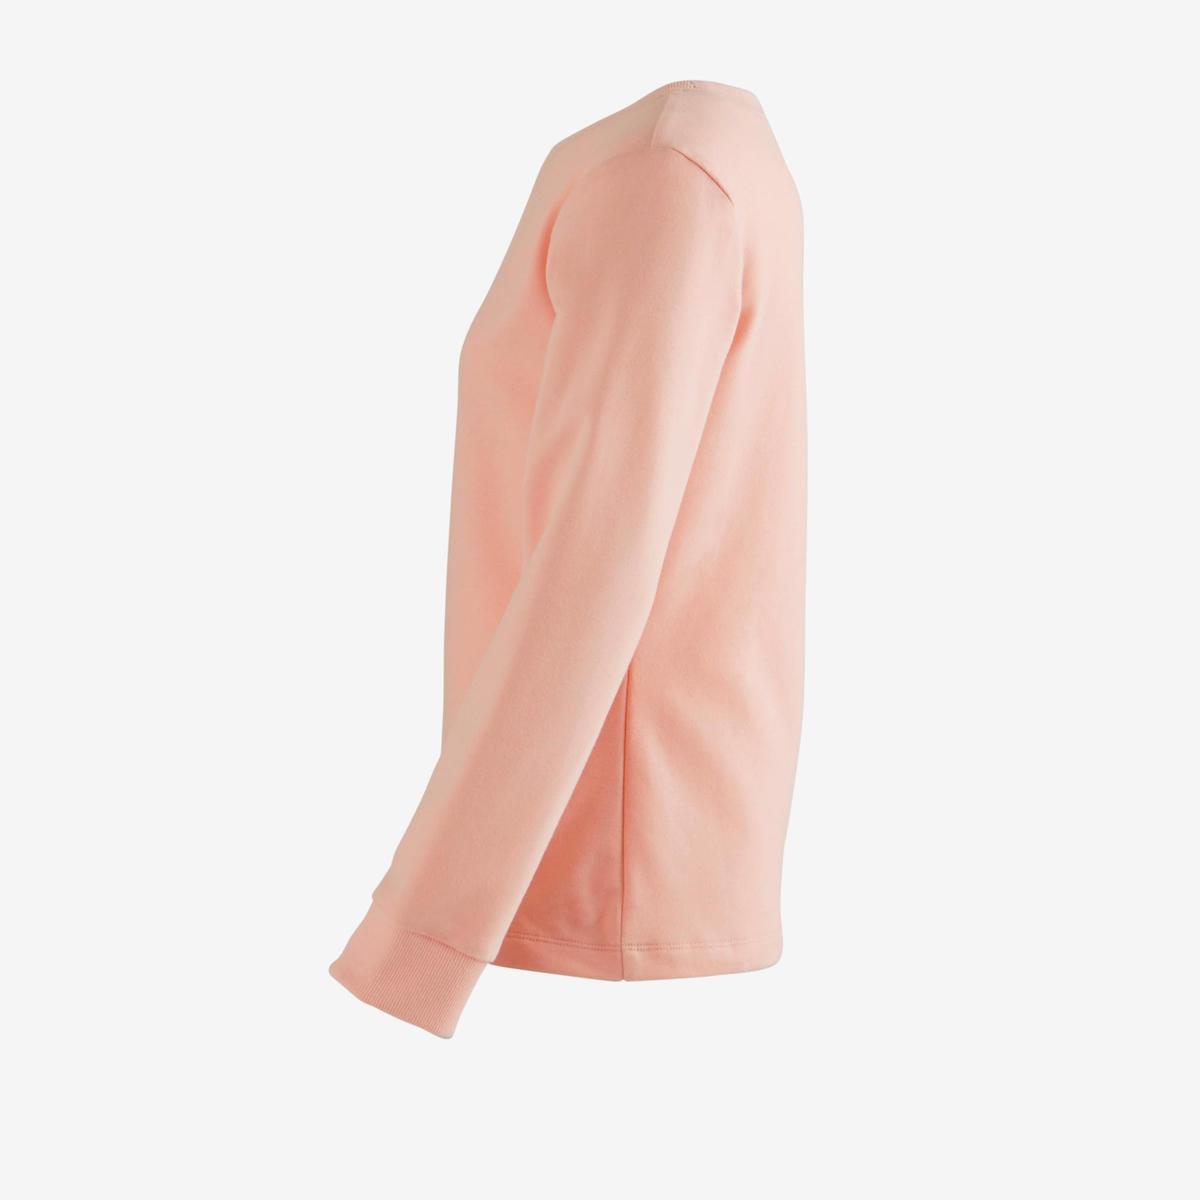 Bild 3 von Sweatshirt 100 Gym Mädchen rosa